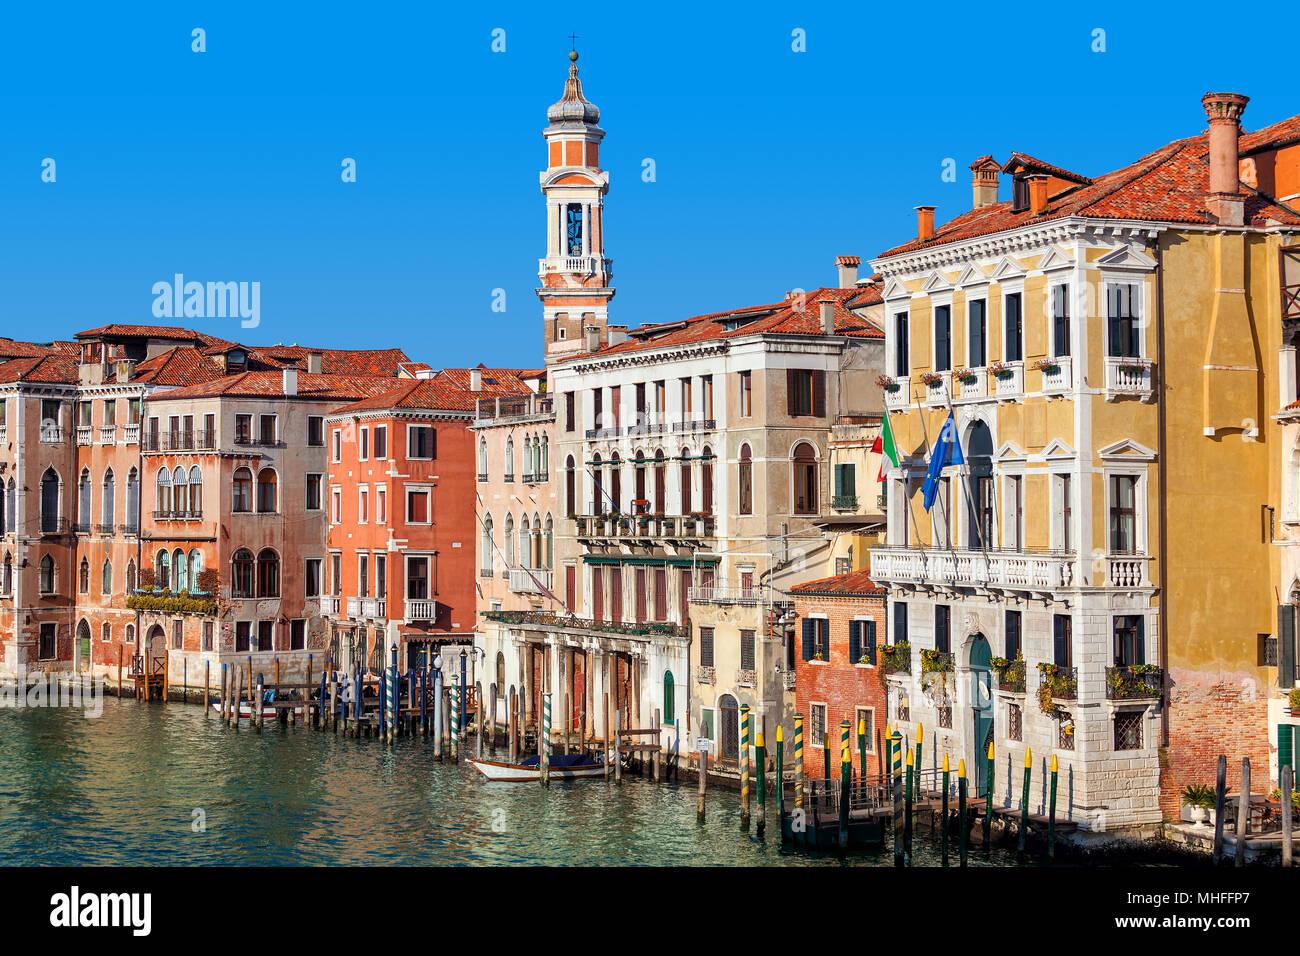 Vista degli edifici colorati lungo il canal grande sotto il cielo blu a Venezia, Italia. Immagini Stock